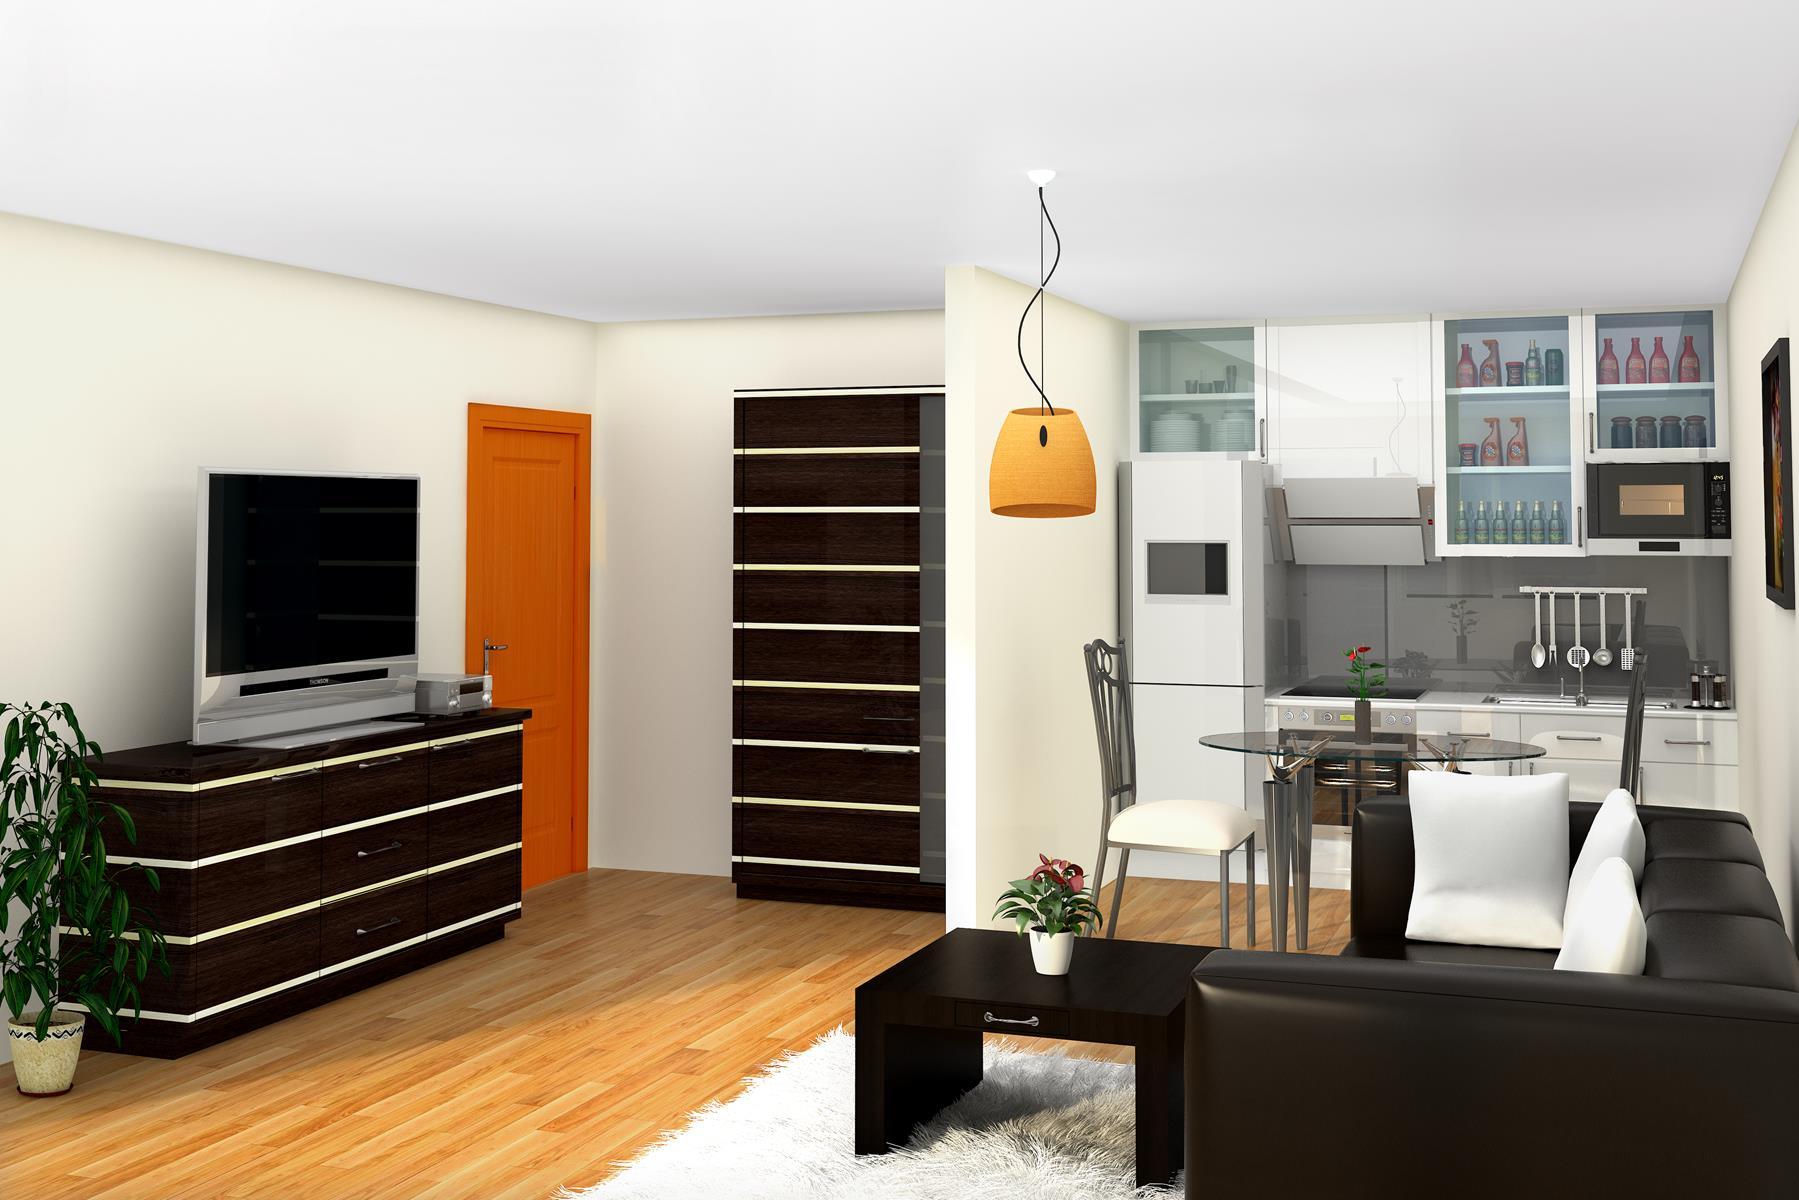 1.Wohnzimmer 1 Gestaltungsvariante